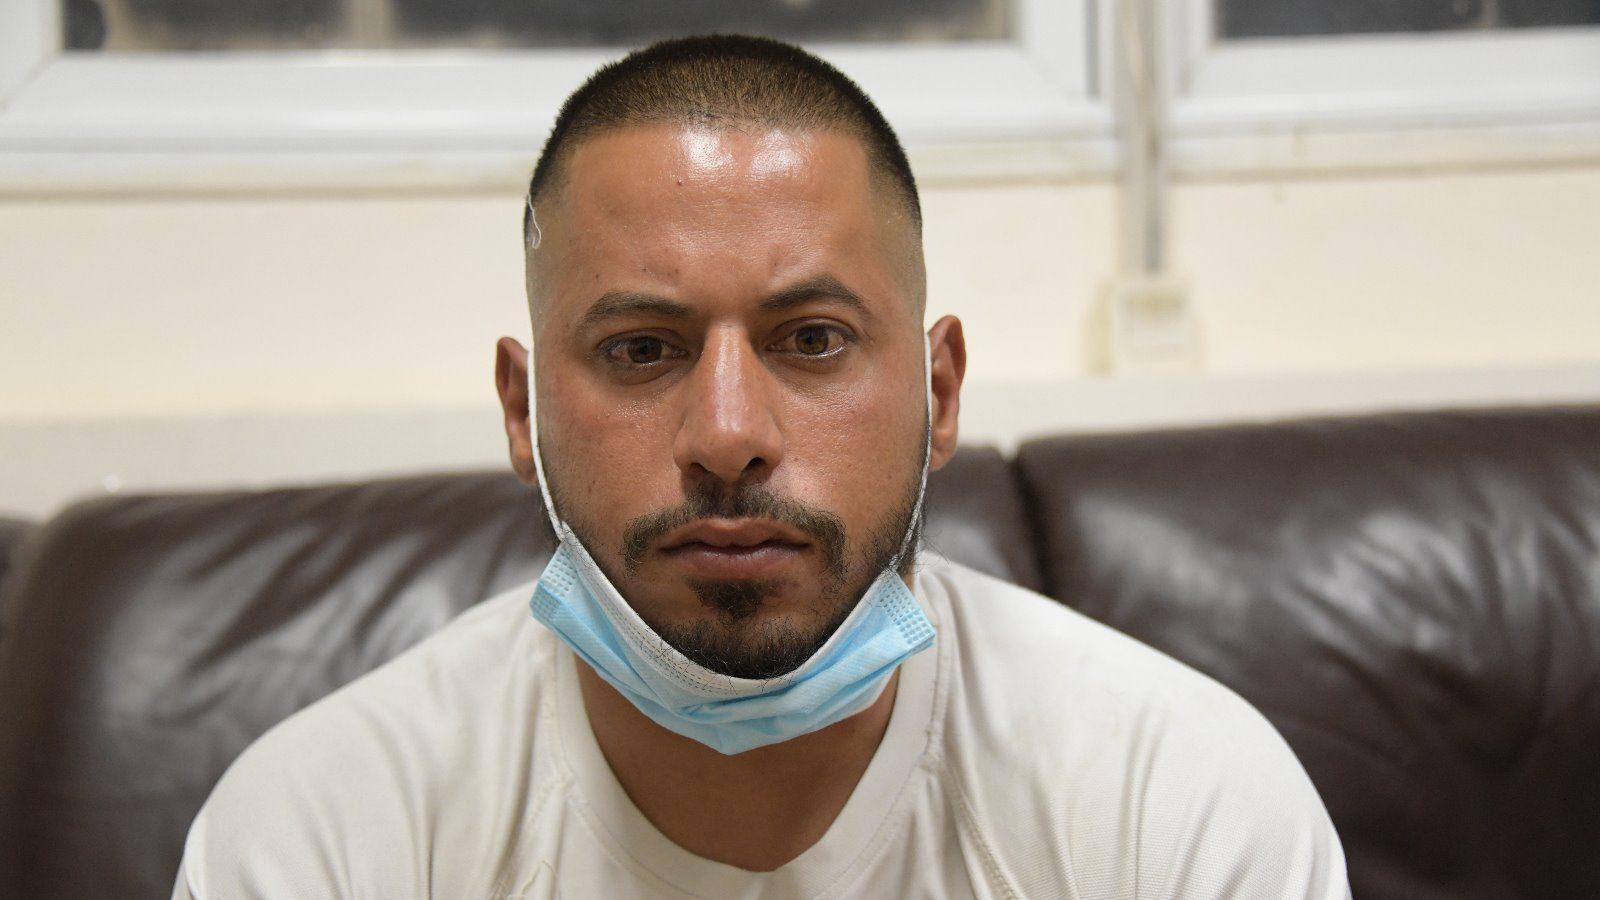 פורסמה תמונת הערבי החשוד בתקיפה מינית של בת 12 בכנרת – המשטרה מבקשת מידע נוסף